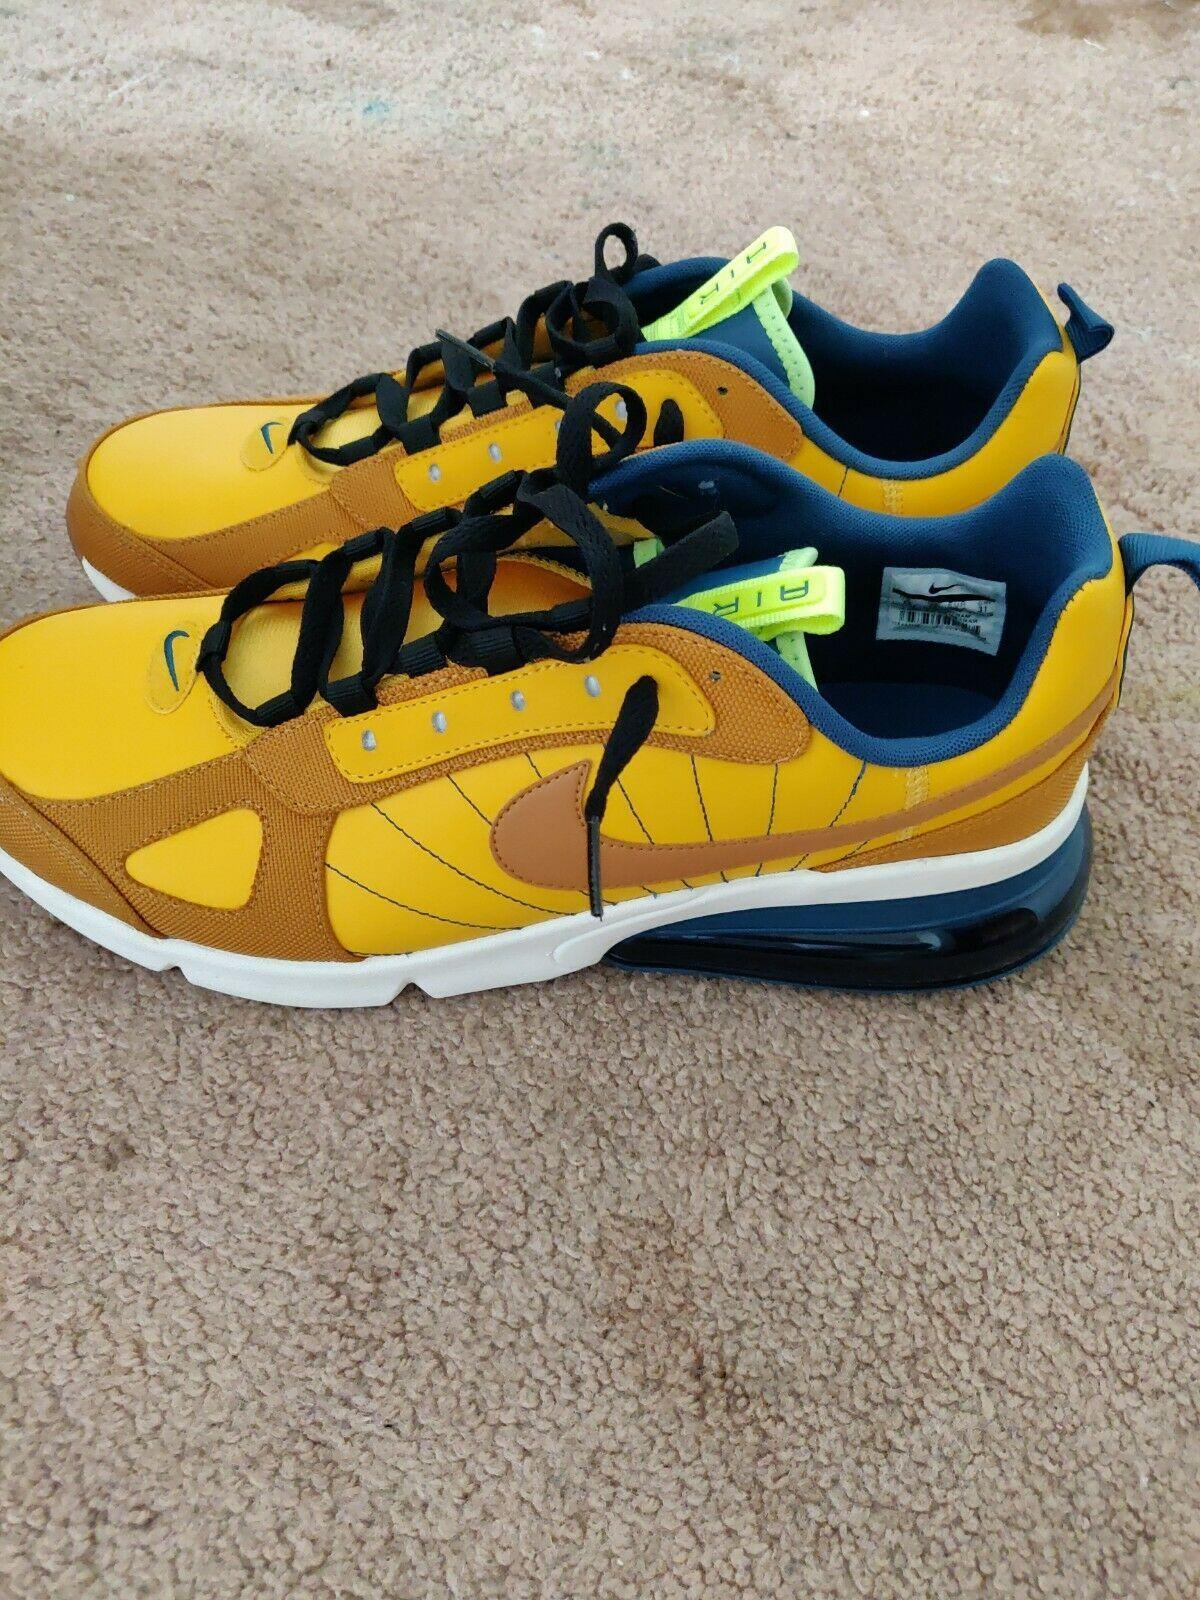 nike air max 270 futura yellow